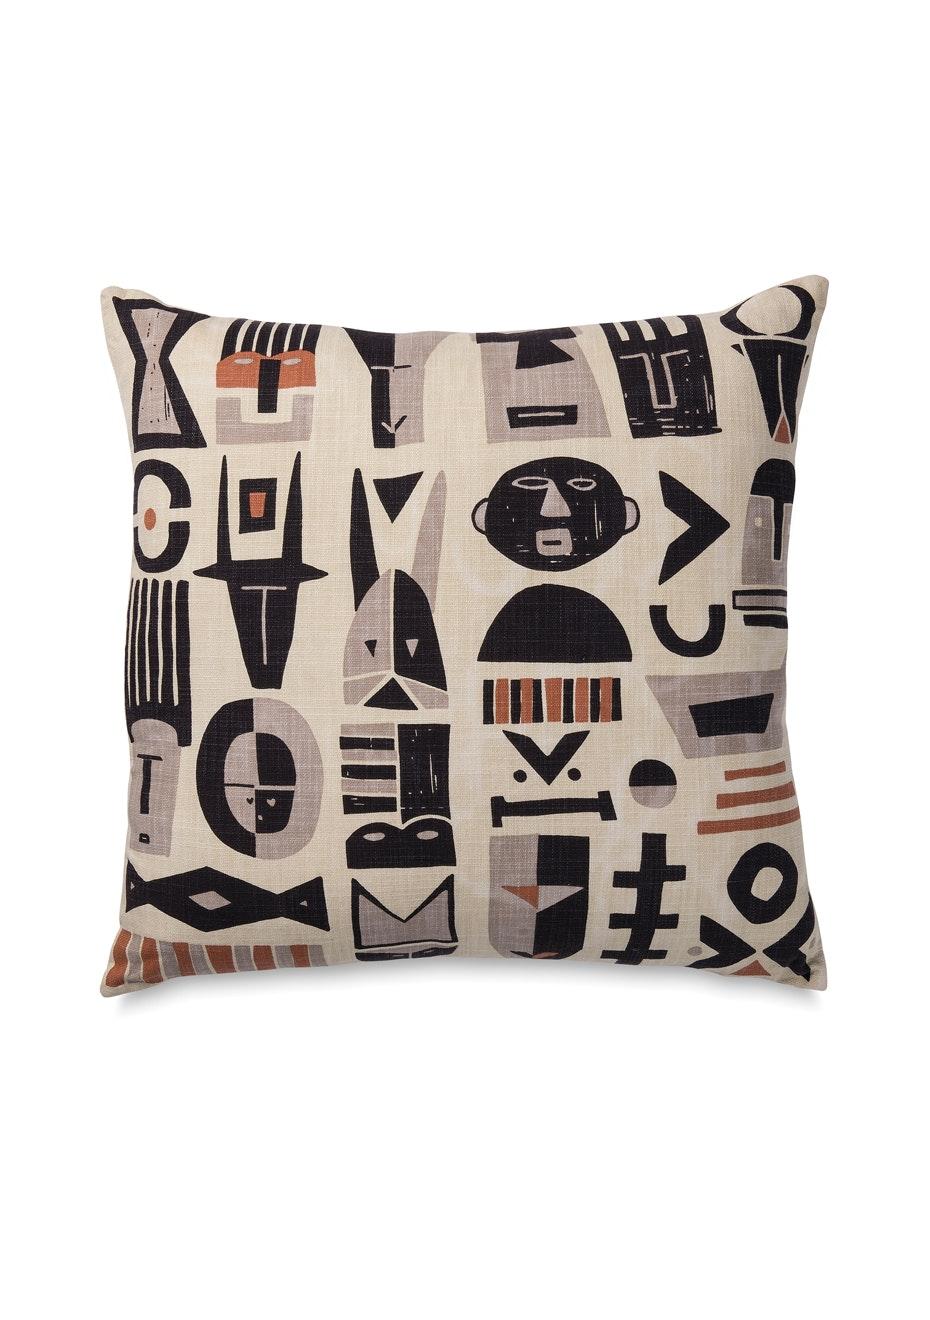 Città - Masiki Cushion Cover